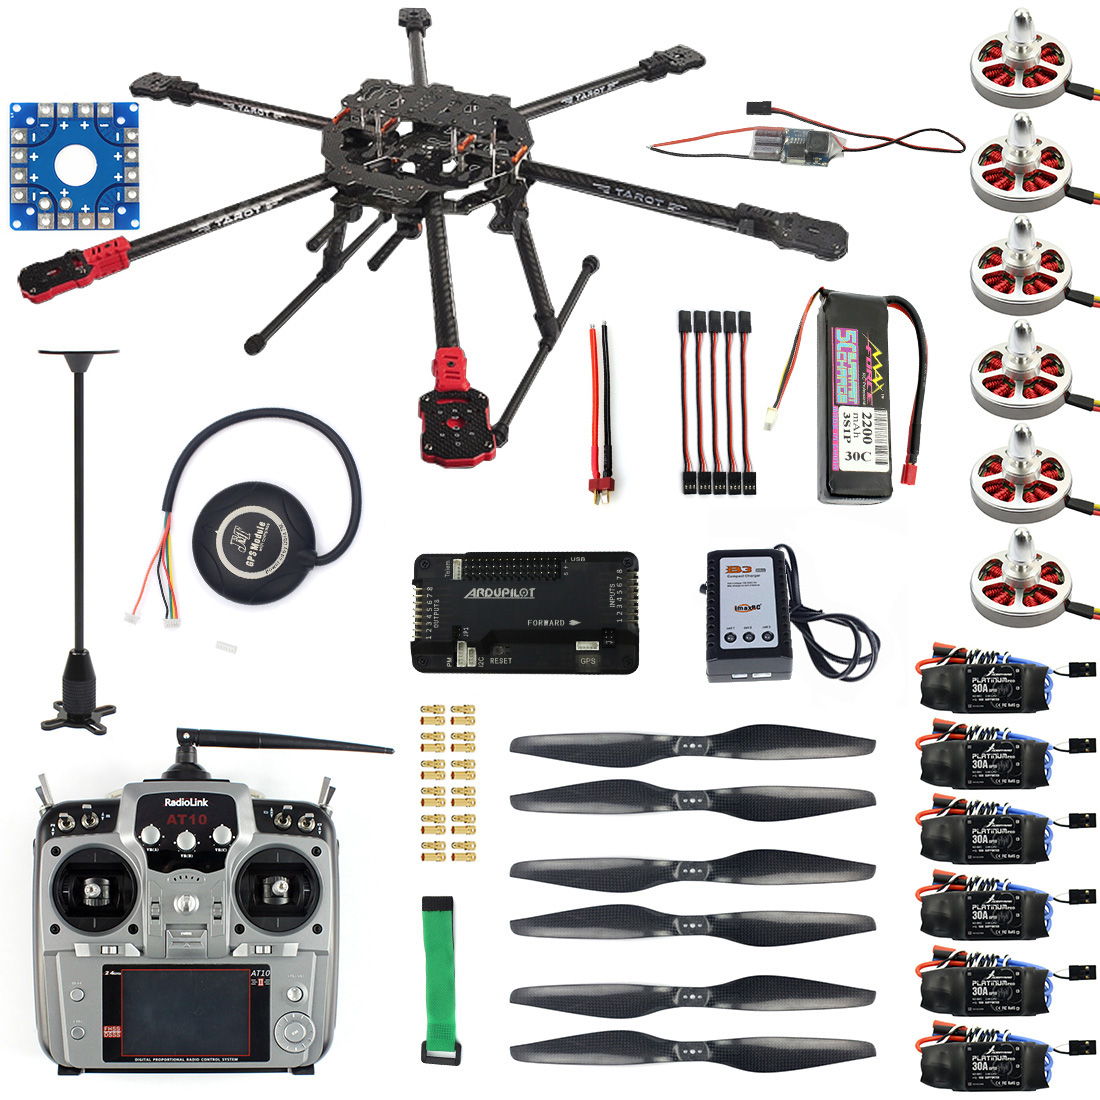 Juego completo F07803 A Drone hexacóptero Kit de aviones de 6 ejes Tarot FY690S marco 750KV Motor GPS APM 2,8 Control de vuelo AT10Transmitter-in Partes y accesorios from Juguetes y pasatiempos    1